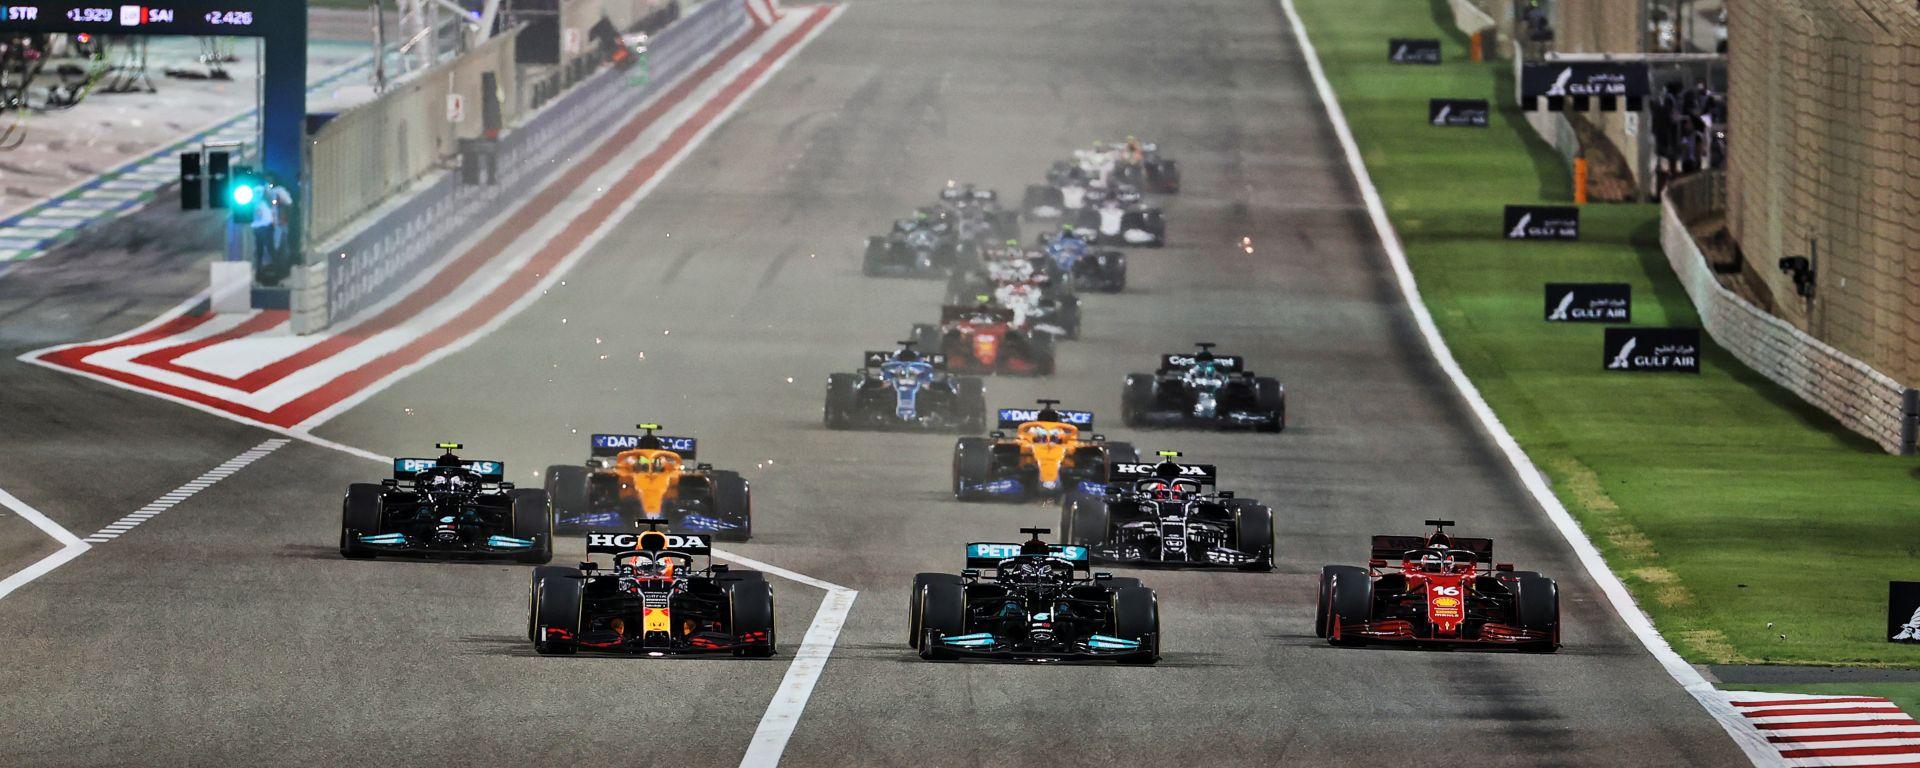 F1, GP Bahrain 2021: la partenza della gara